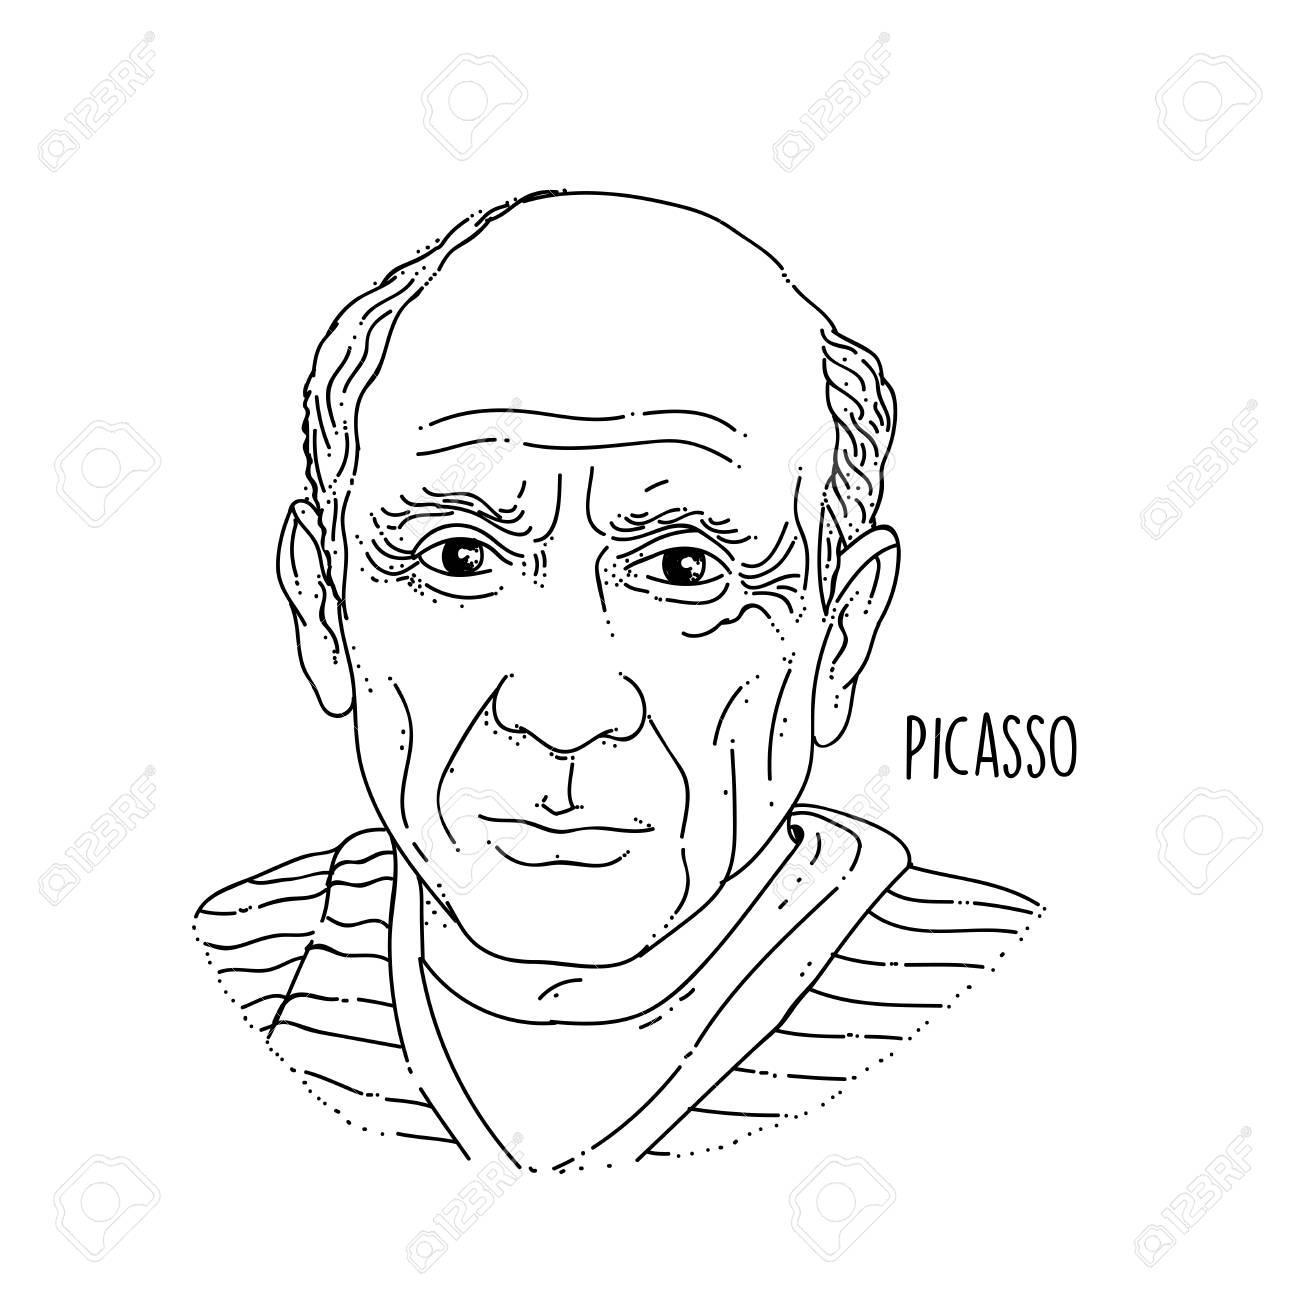 Pablo Picasso Line Art Portrait - 104697500